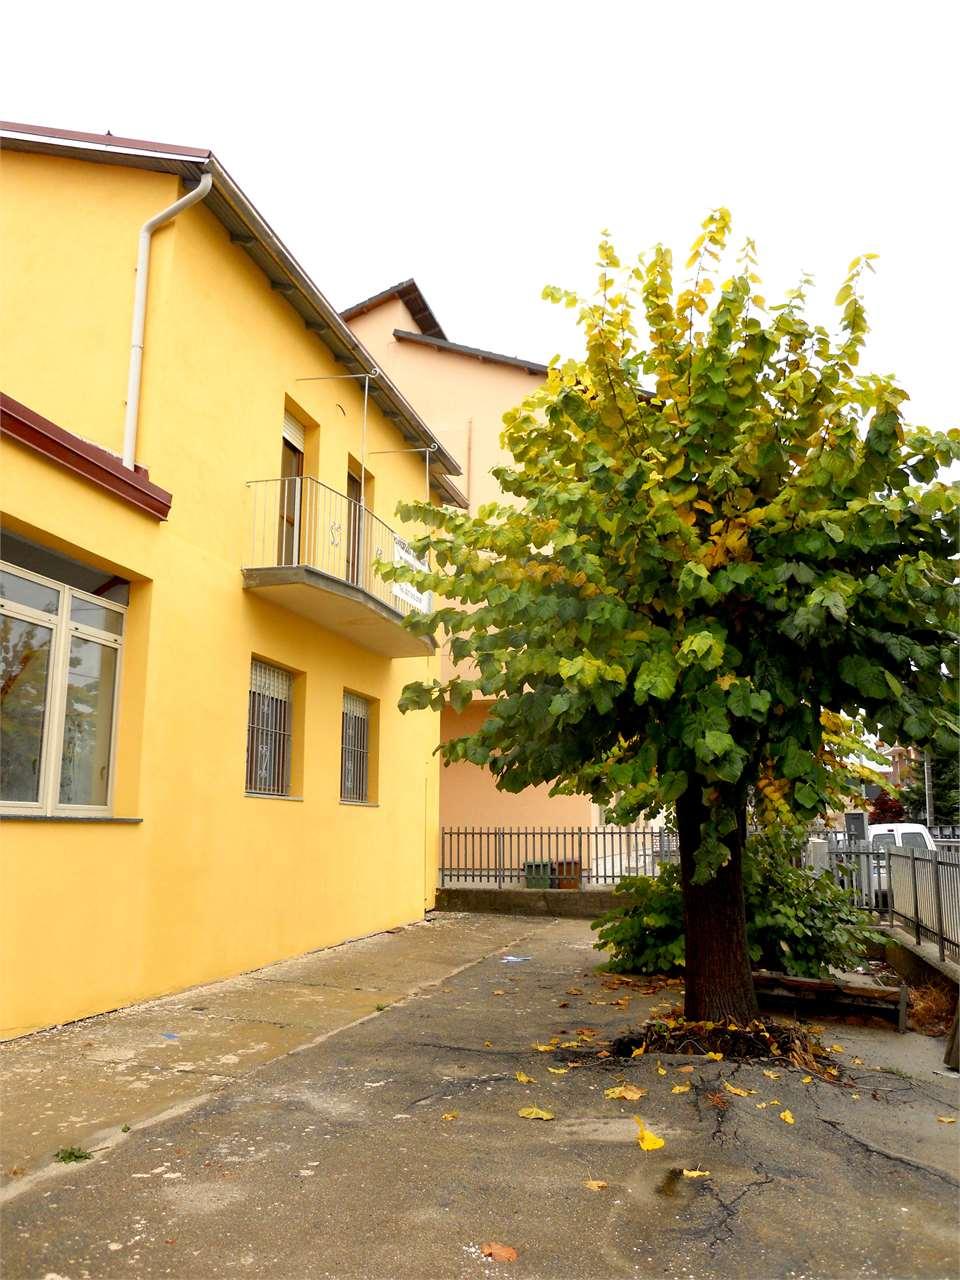 Soluzione Indipendente in vendita a Castagnole delle Lanze, 9 locali, prezzo € 250.000 | CambioCasa.it